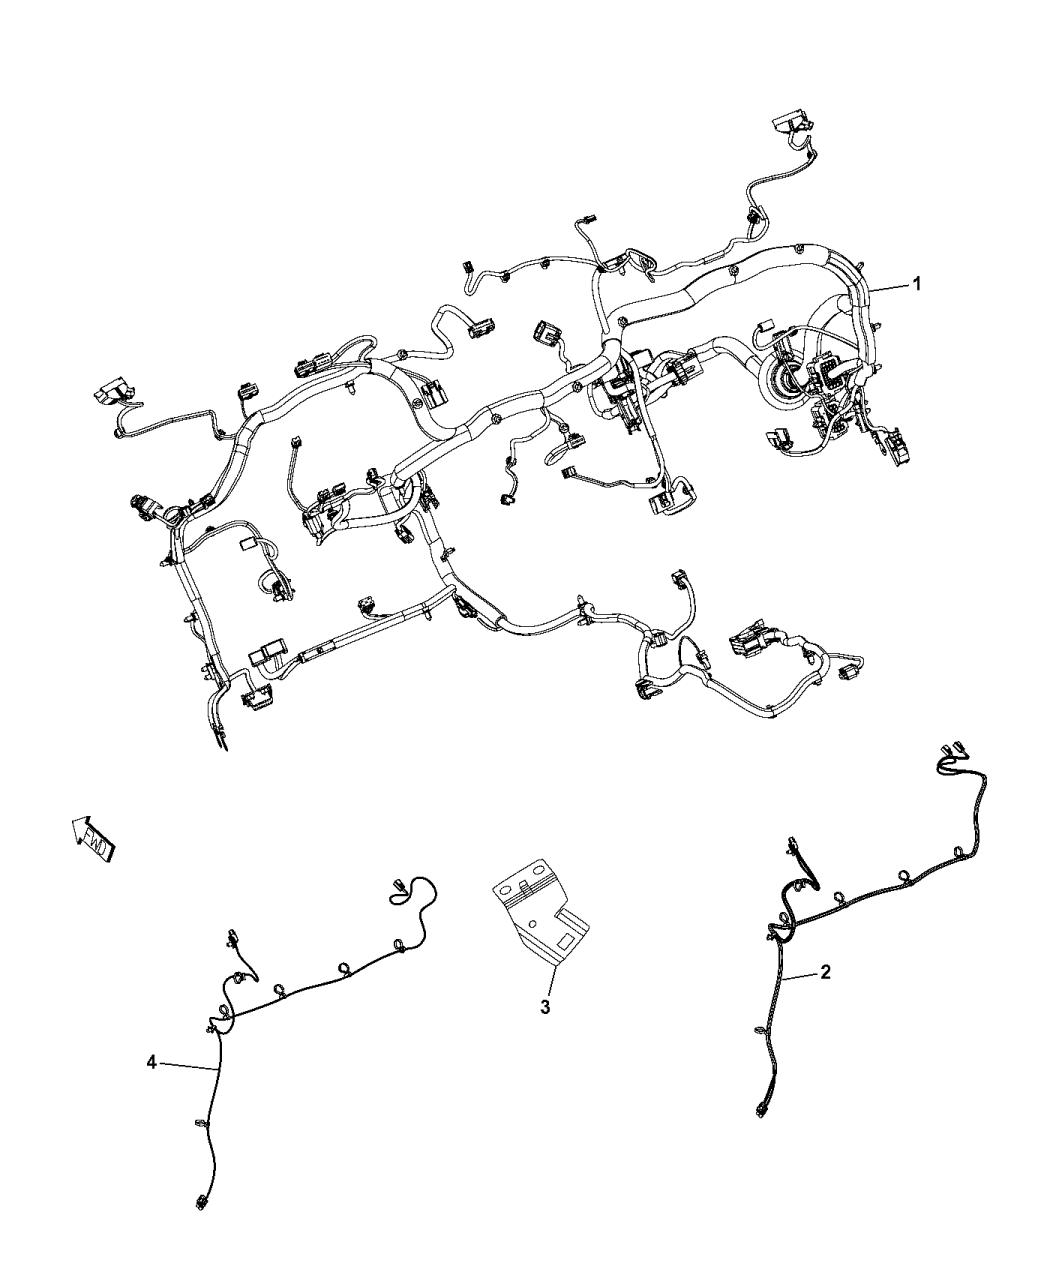 Ram Wiring Diagram on